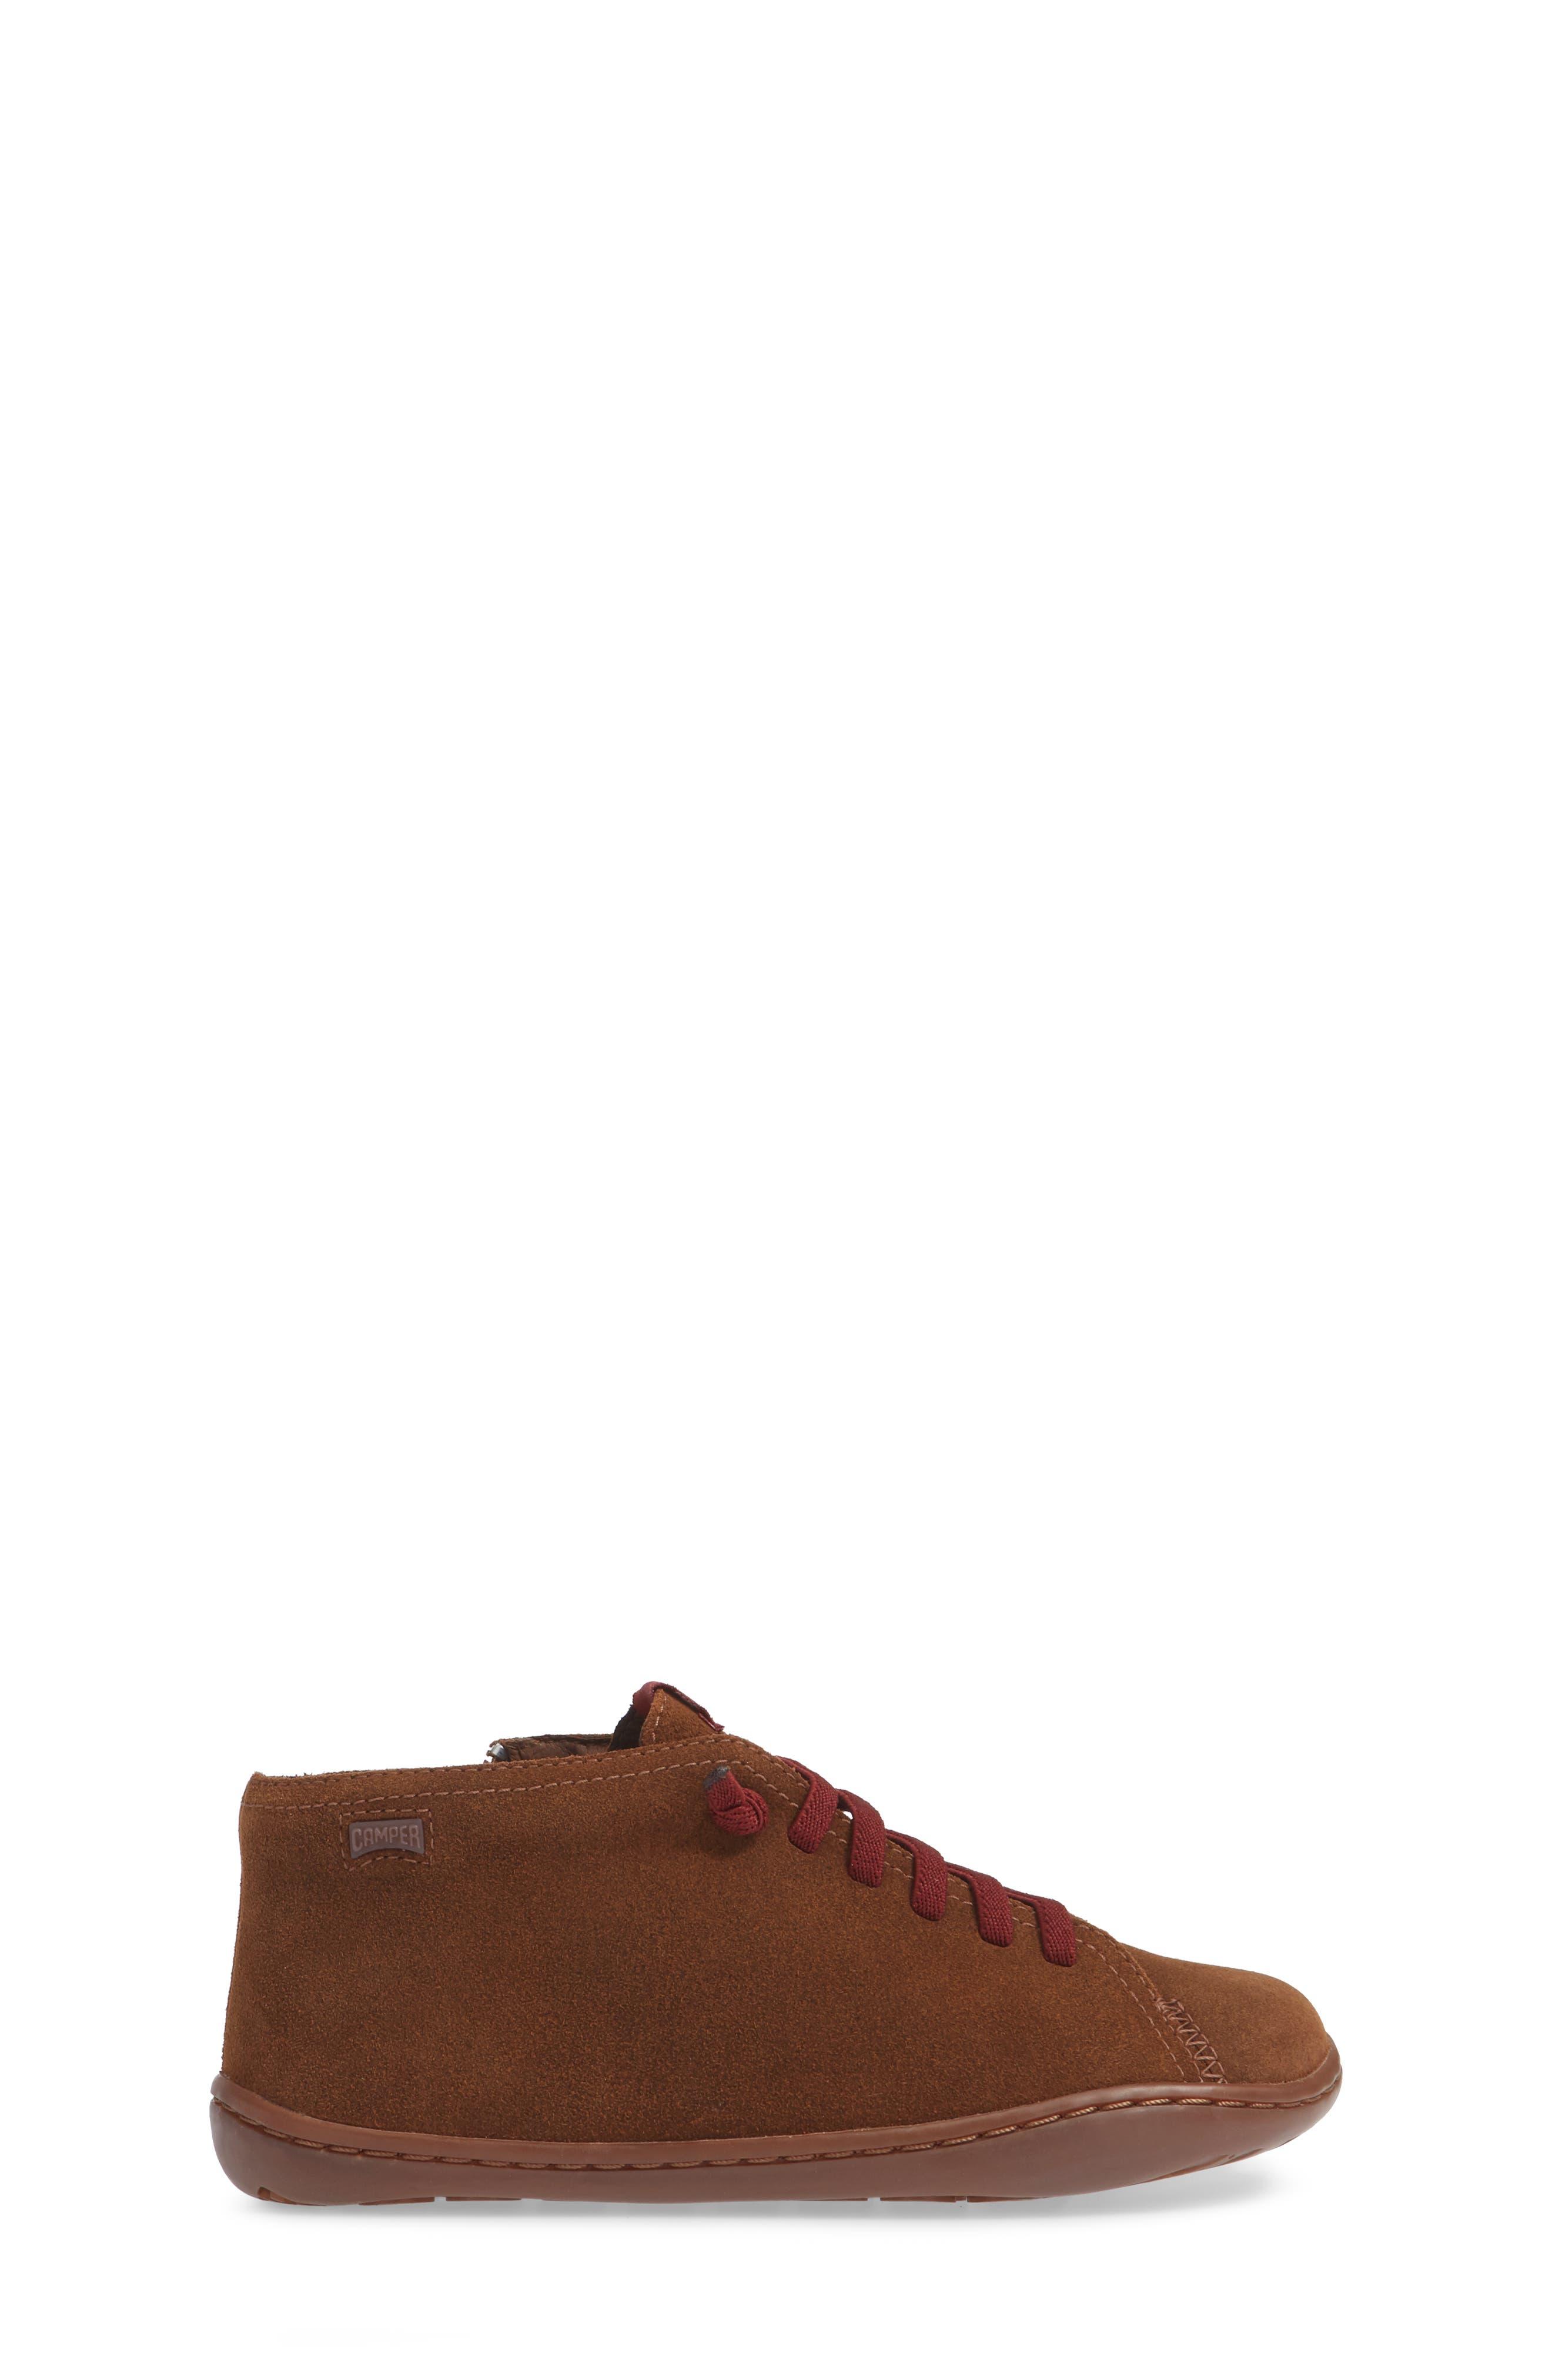 Peu Cami Sneaker,                             Alternate thumbnail 3, color,                             MEDIUM BROWN